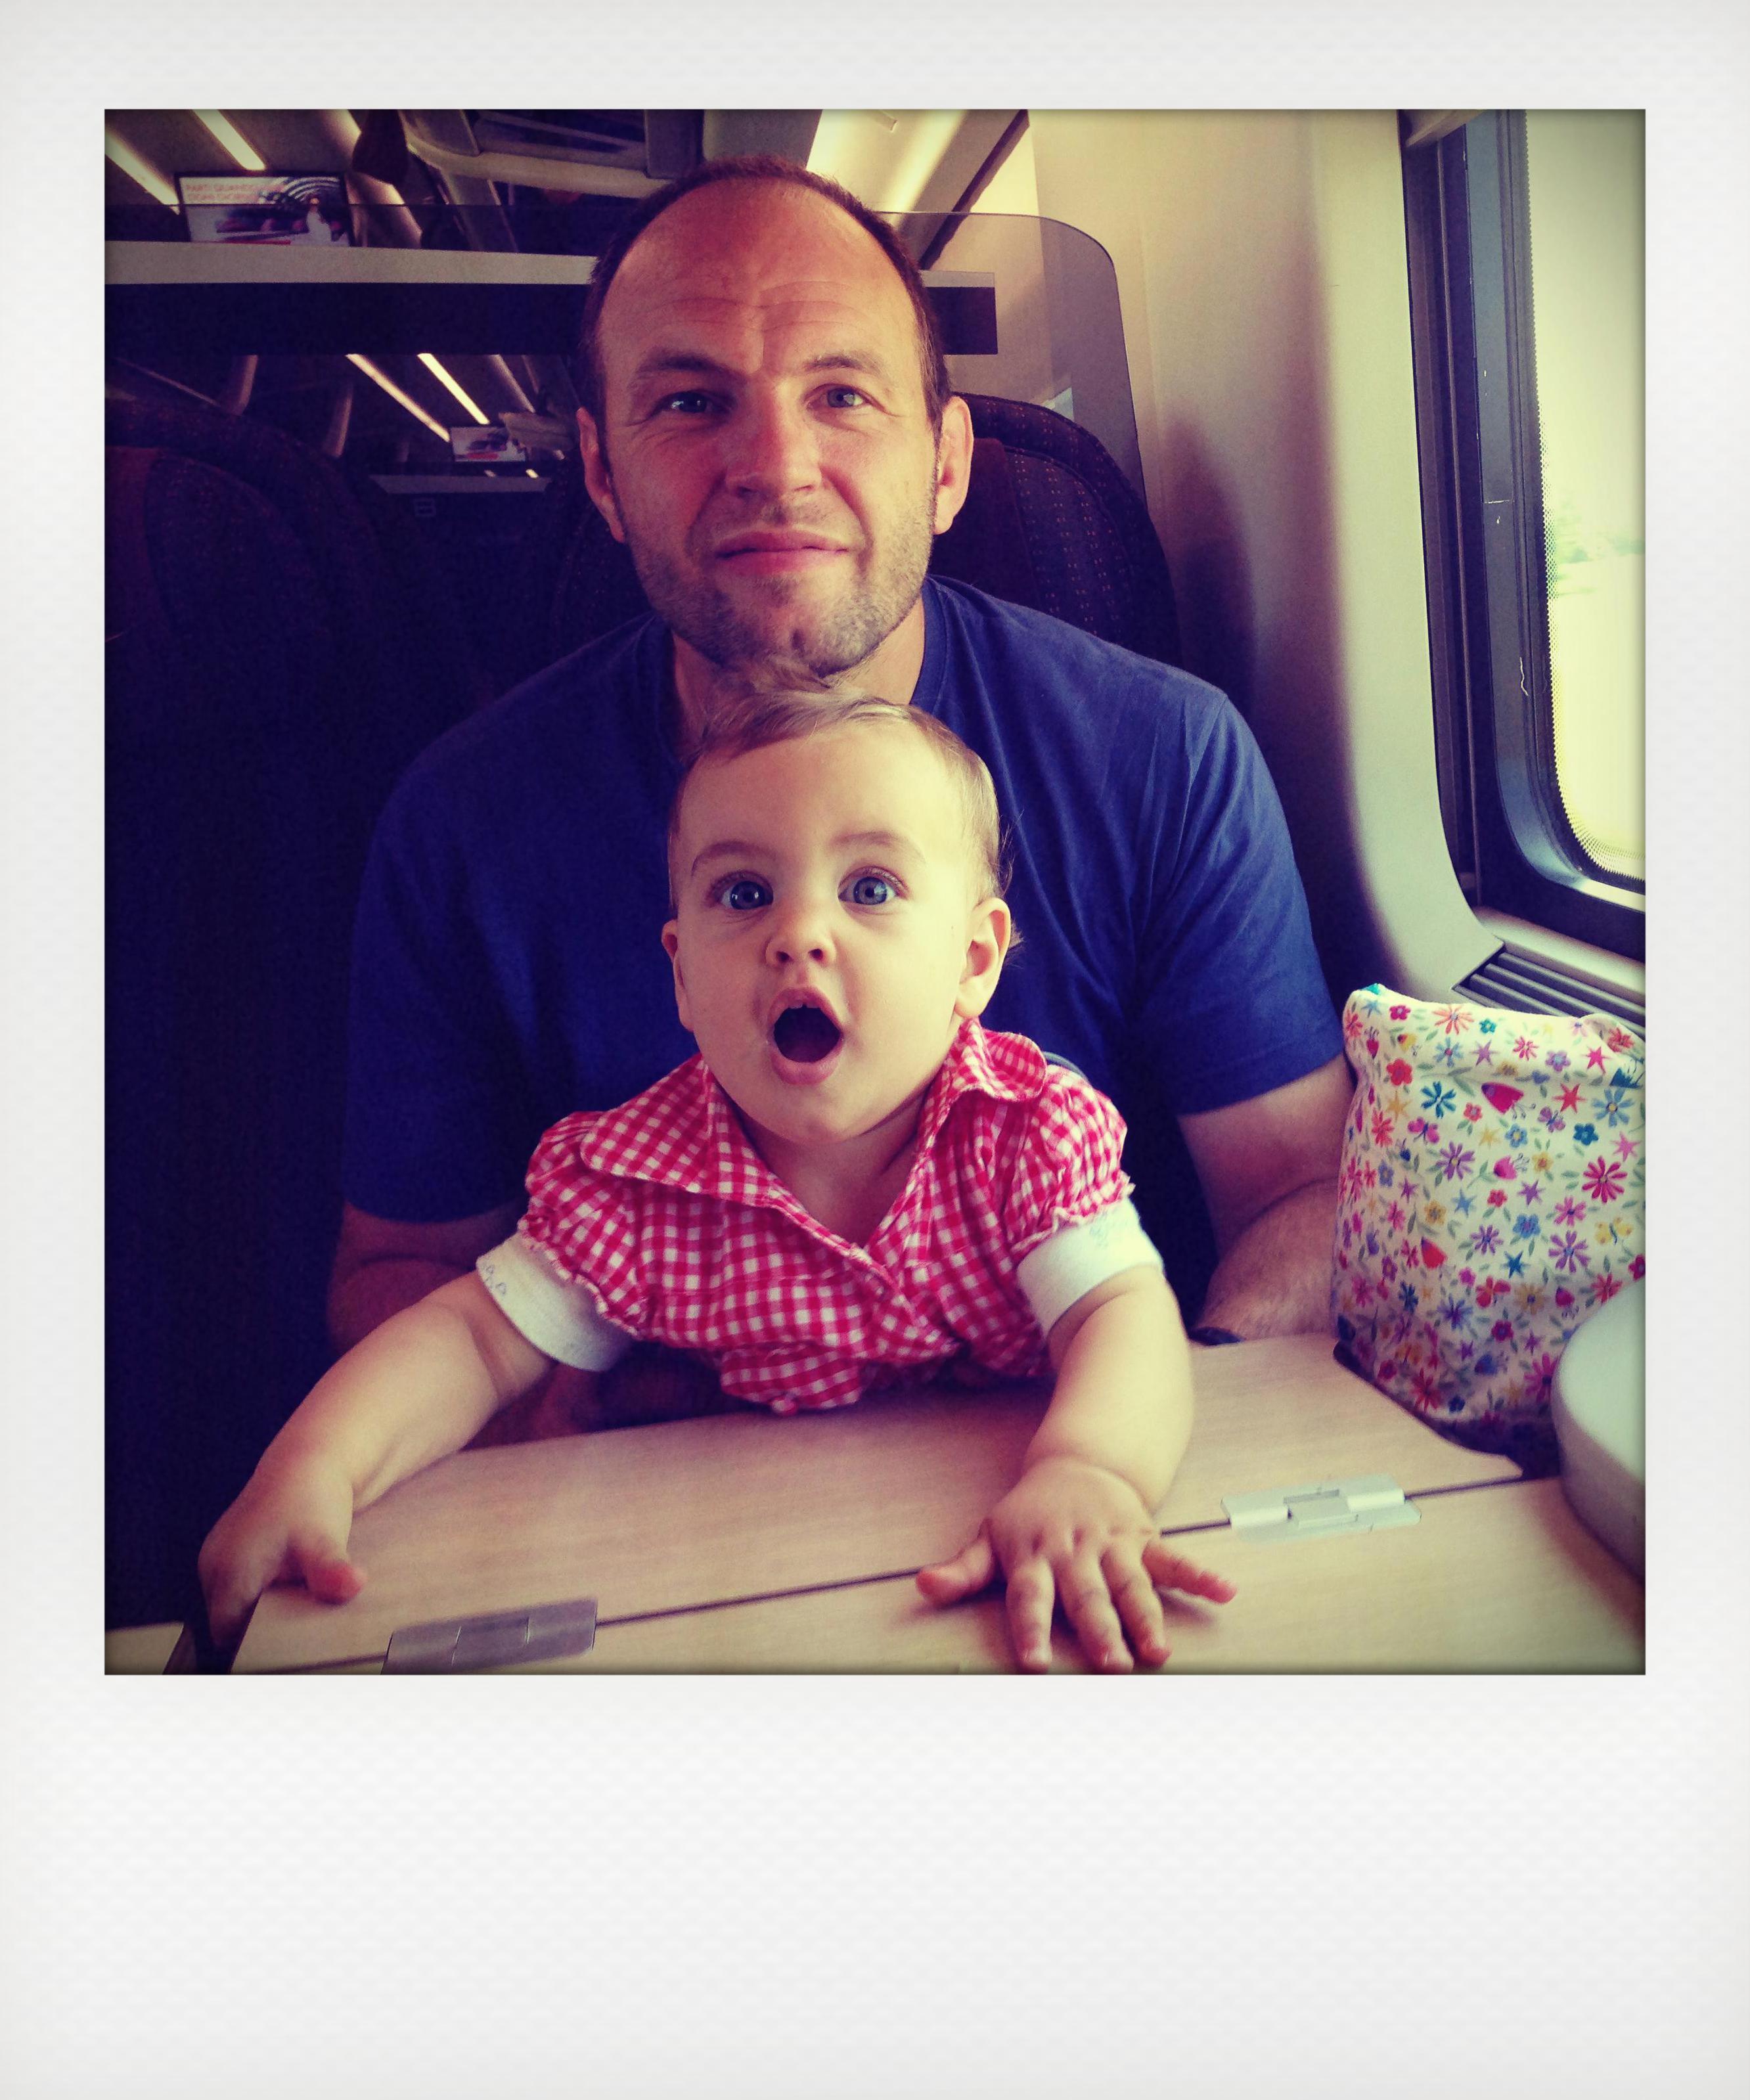 Con i bimbi in  auto, treno o aereo